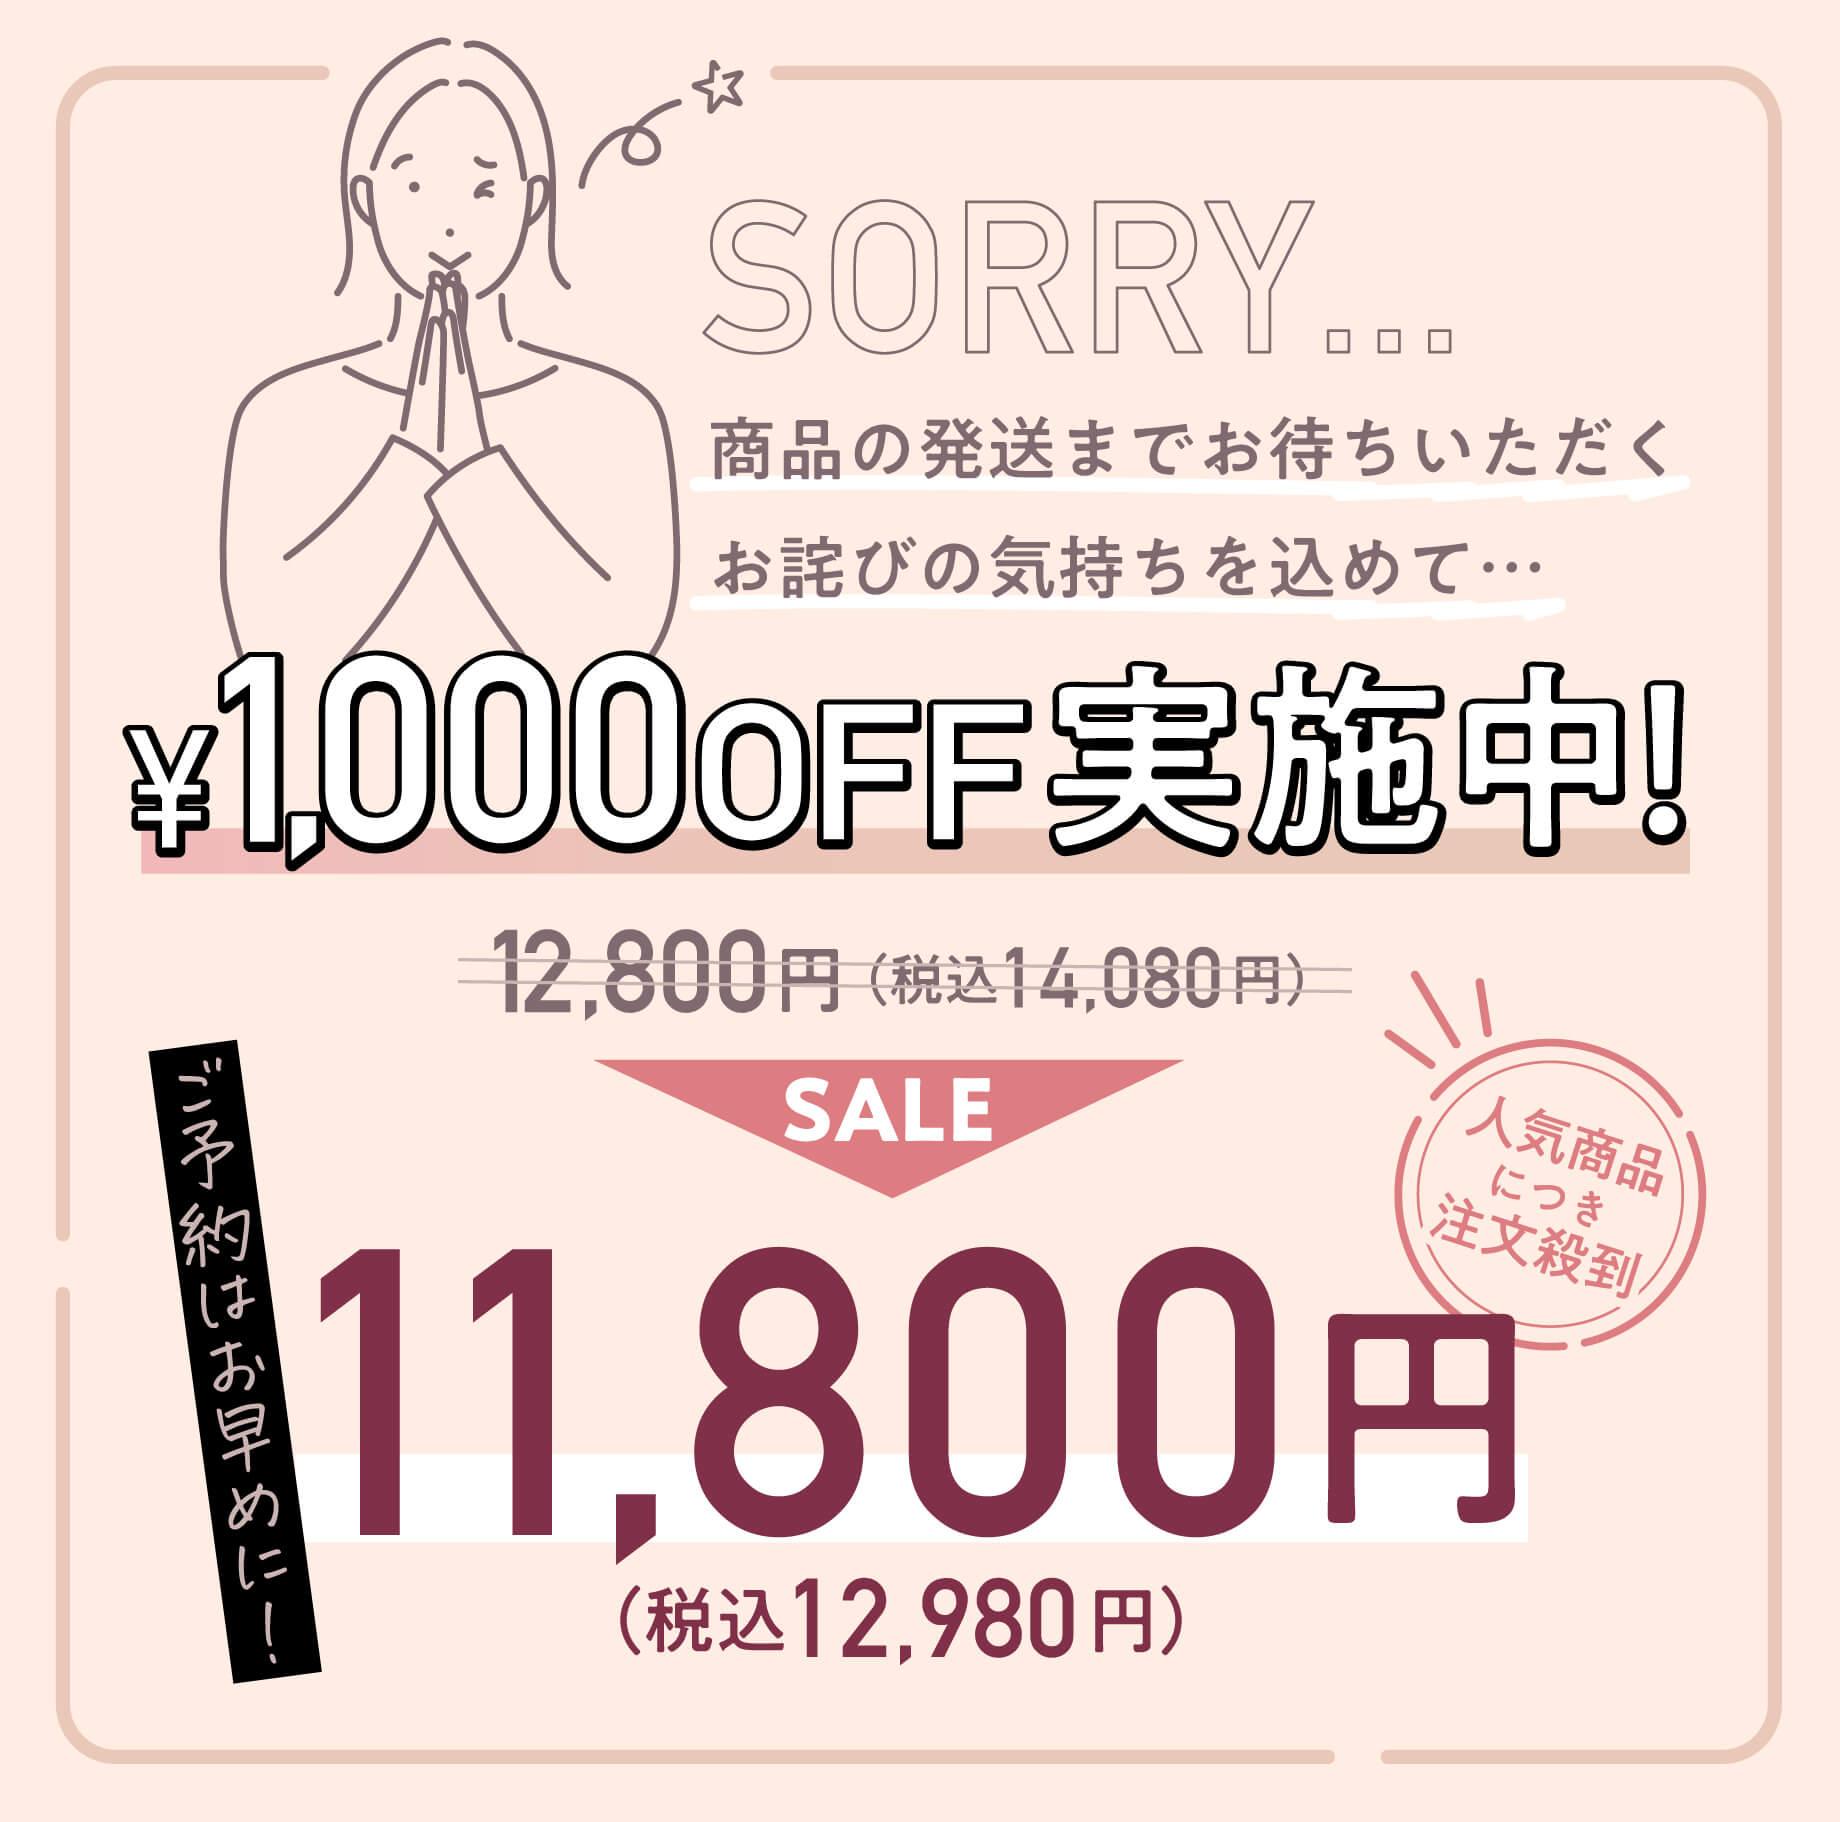 人気につき注文殺到!1,000円オフ実施中!